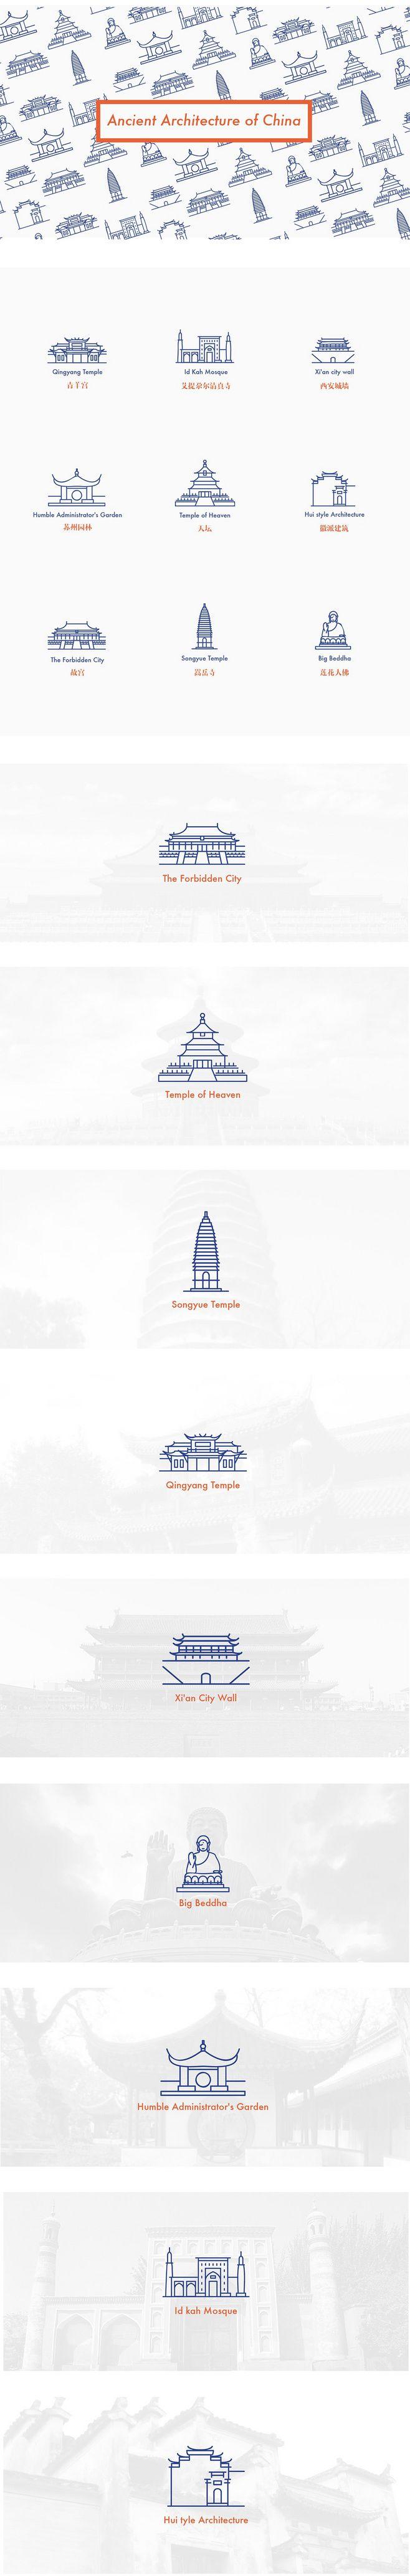 中国古代建筑LOGO设计欣赏 青羊宫 苏...